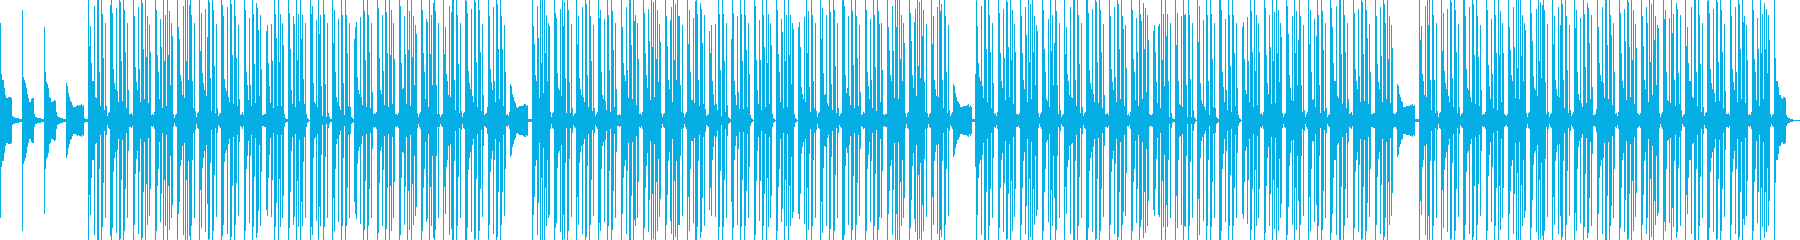 ドラマティック、ダーク、グリッティ...の再生済みの波形